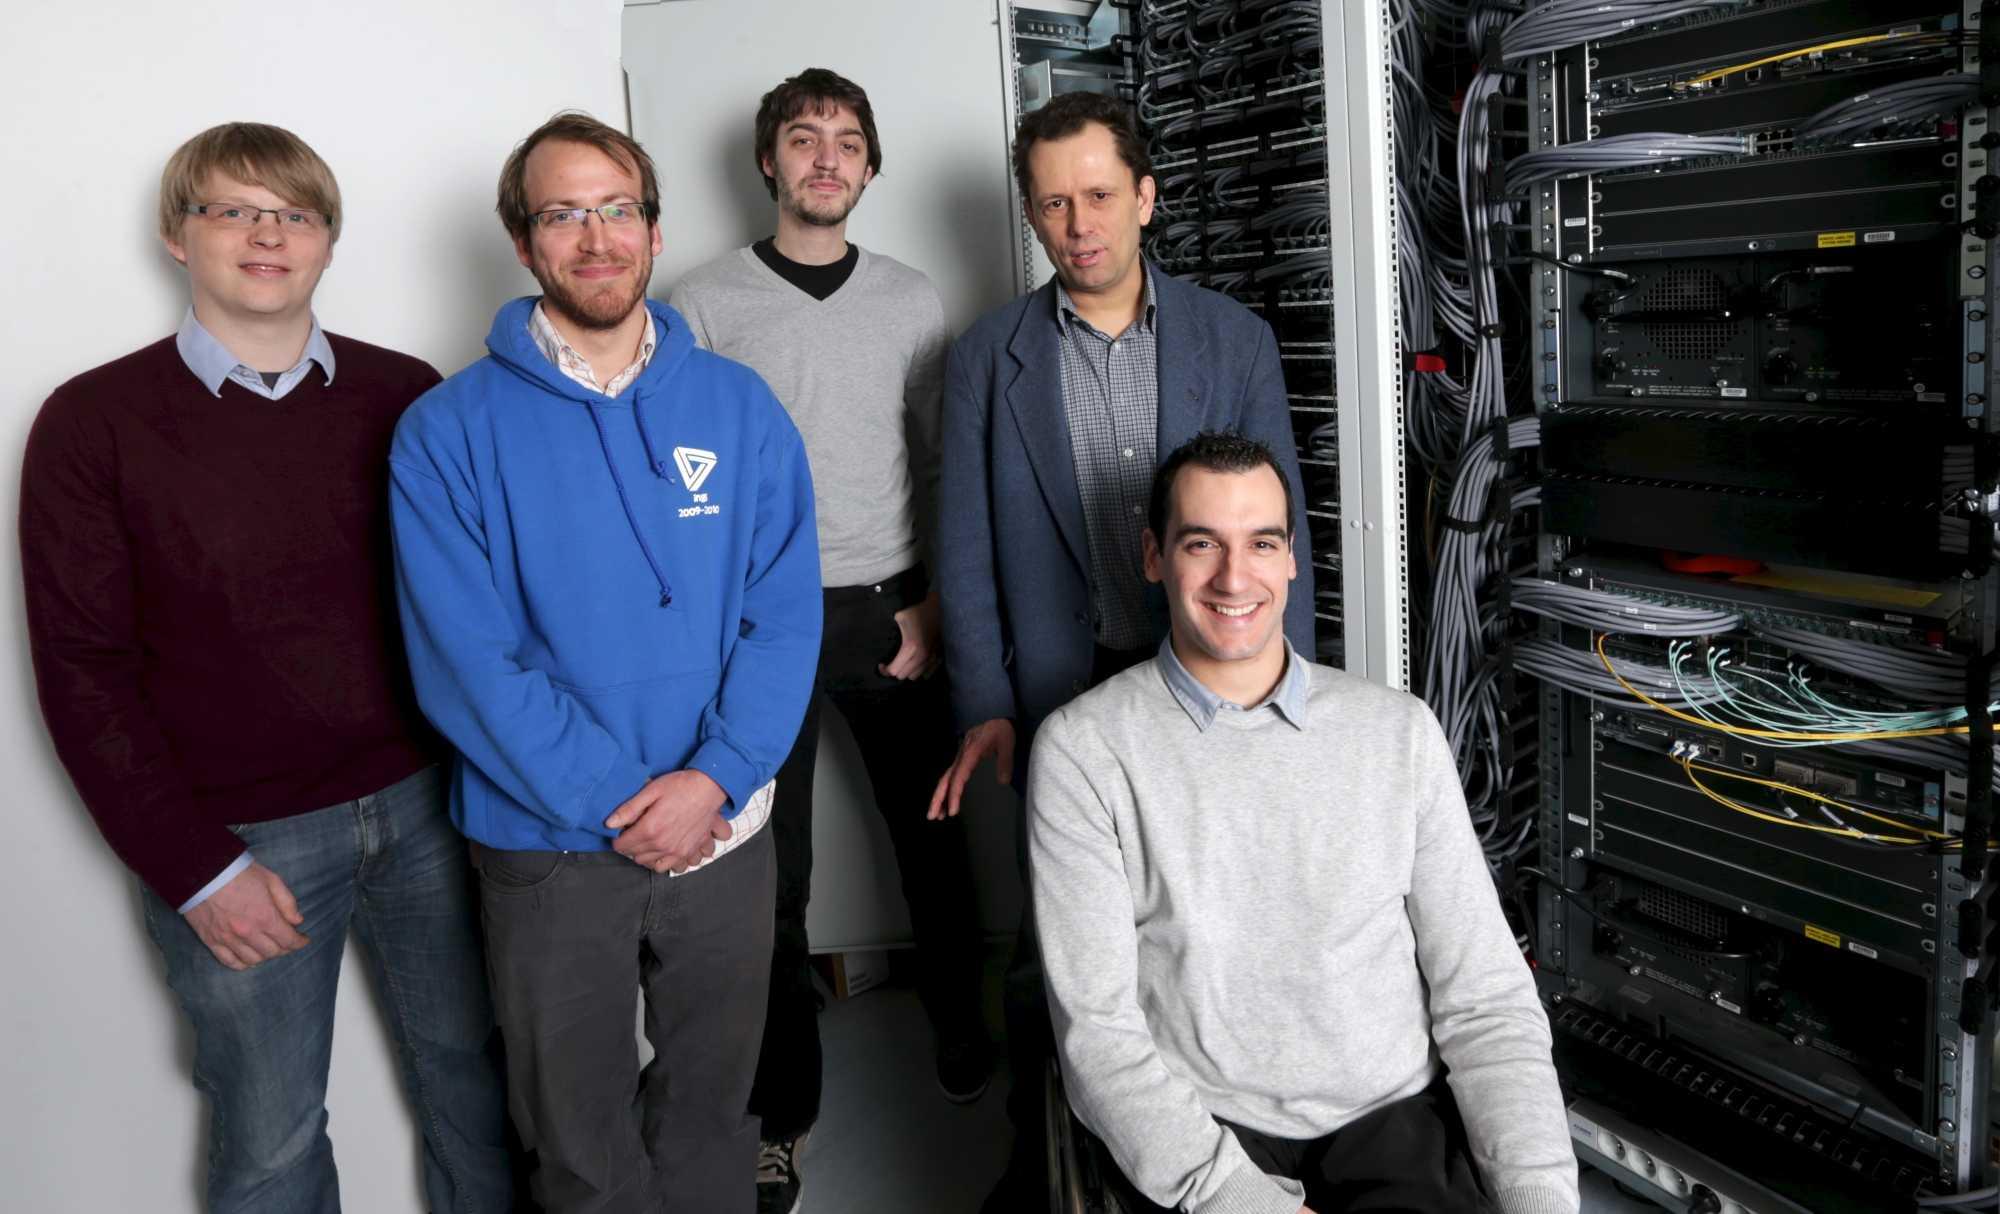 Das versammelte MPTCP-Team (von links nach rechts): Gregory Detal, Benjamin Hesmans, Fabien Dûchene, Olivier Bonaventure, Christoph Paasch